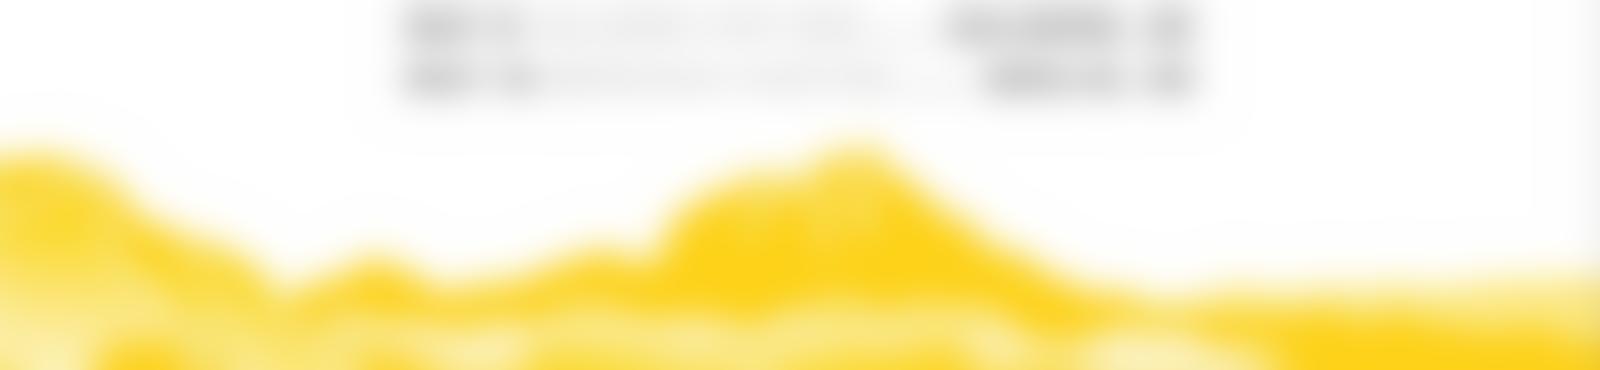 Blurred 0f1e79ca 075f 4467 a11c 8f59044decd5